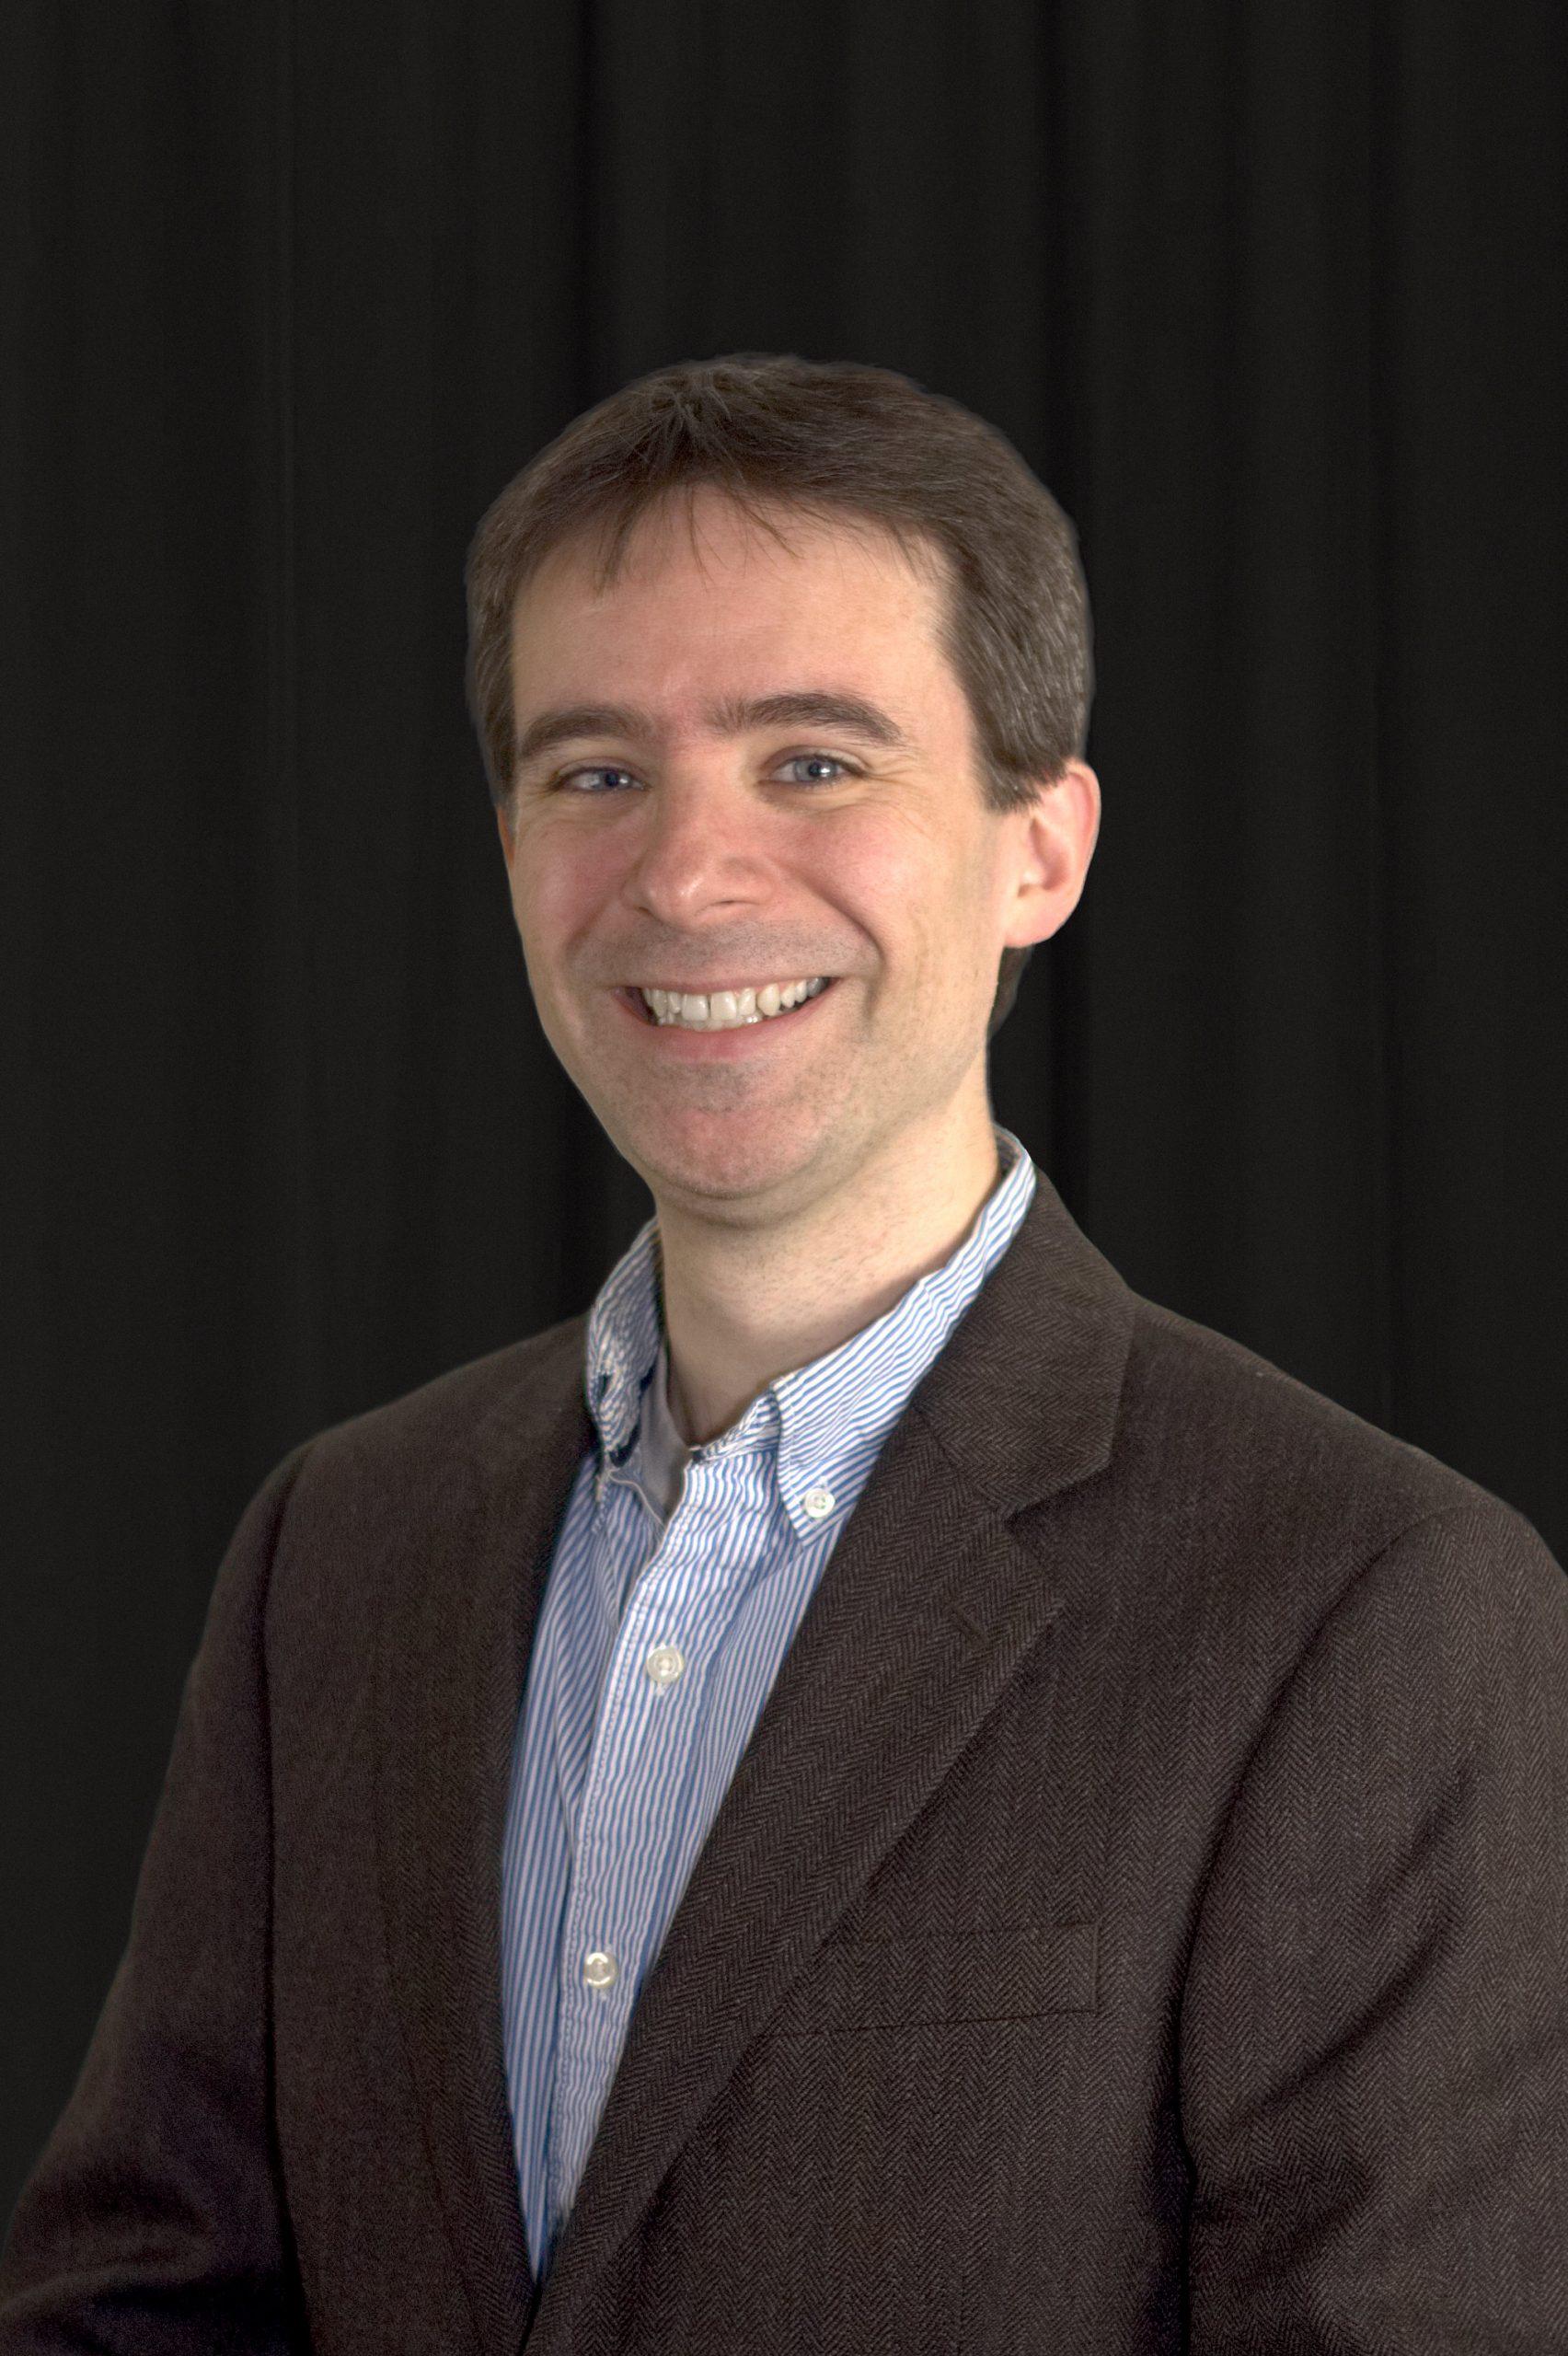 Adam Desrosiers